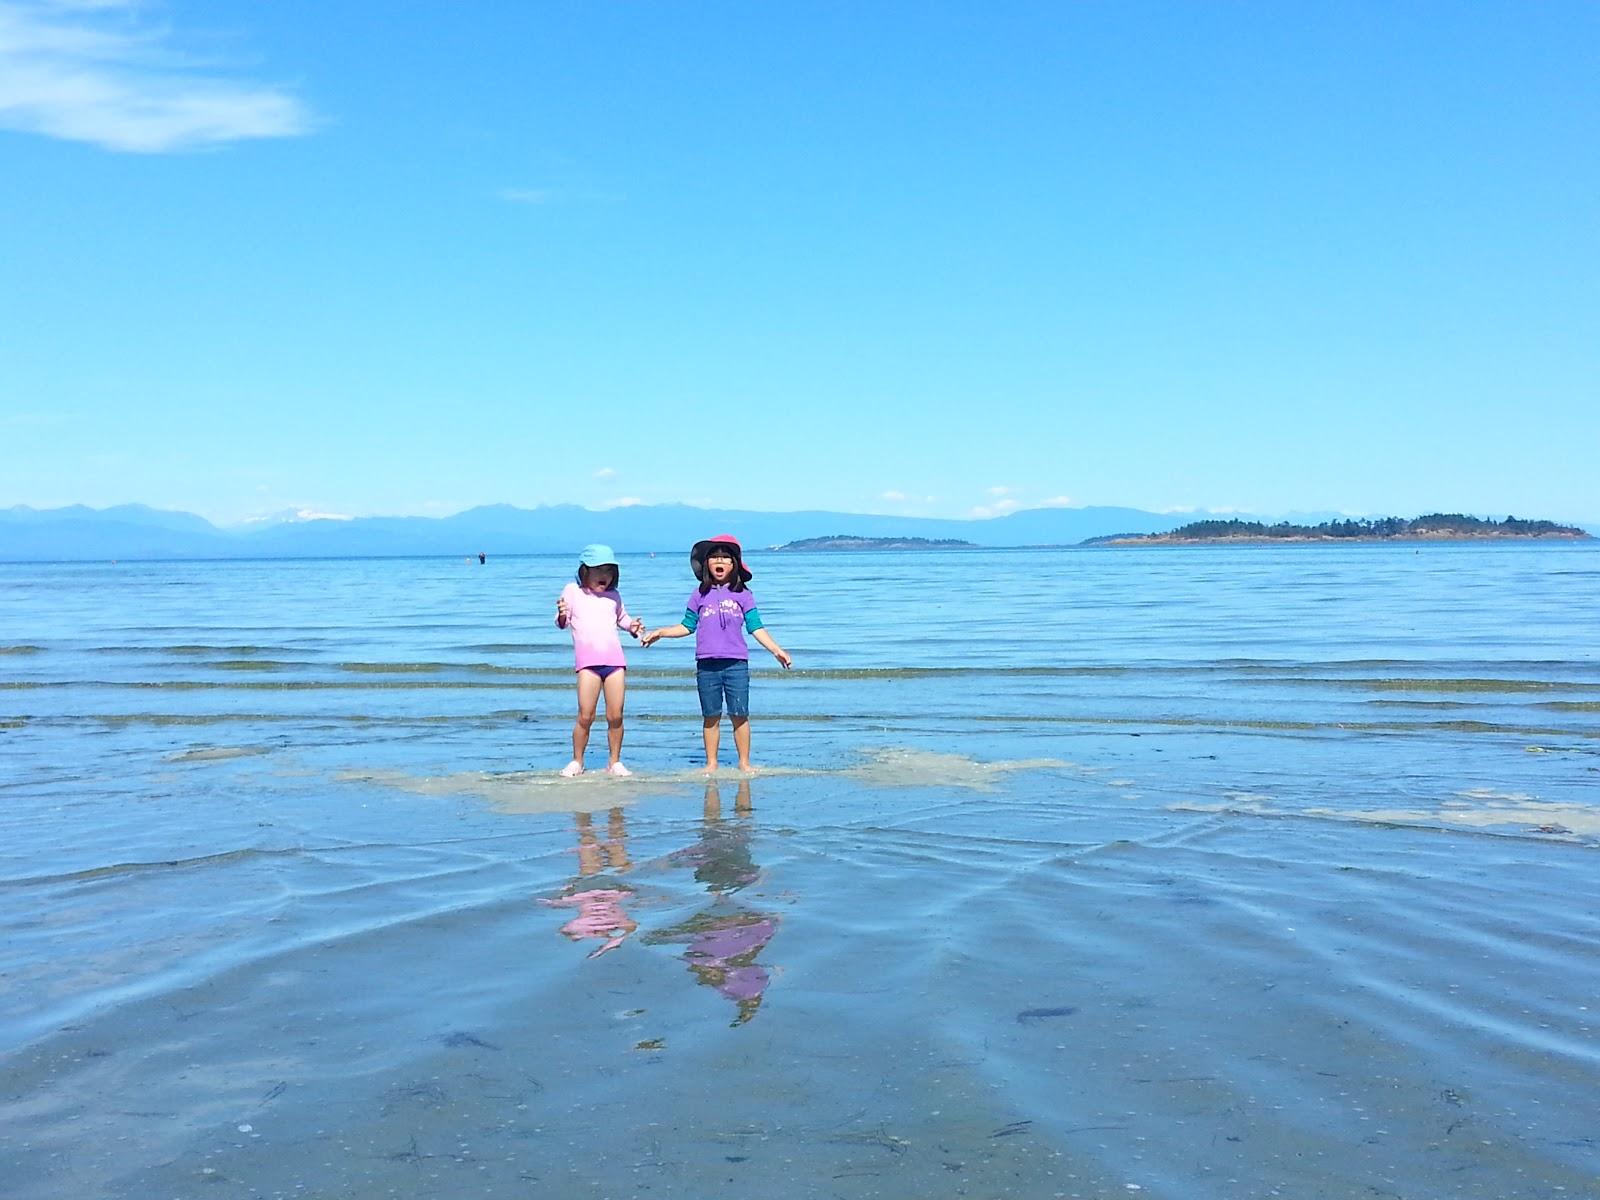 île de Vancouver Hook up